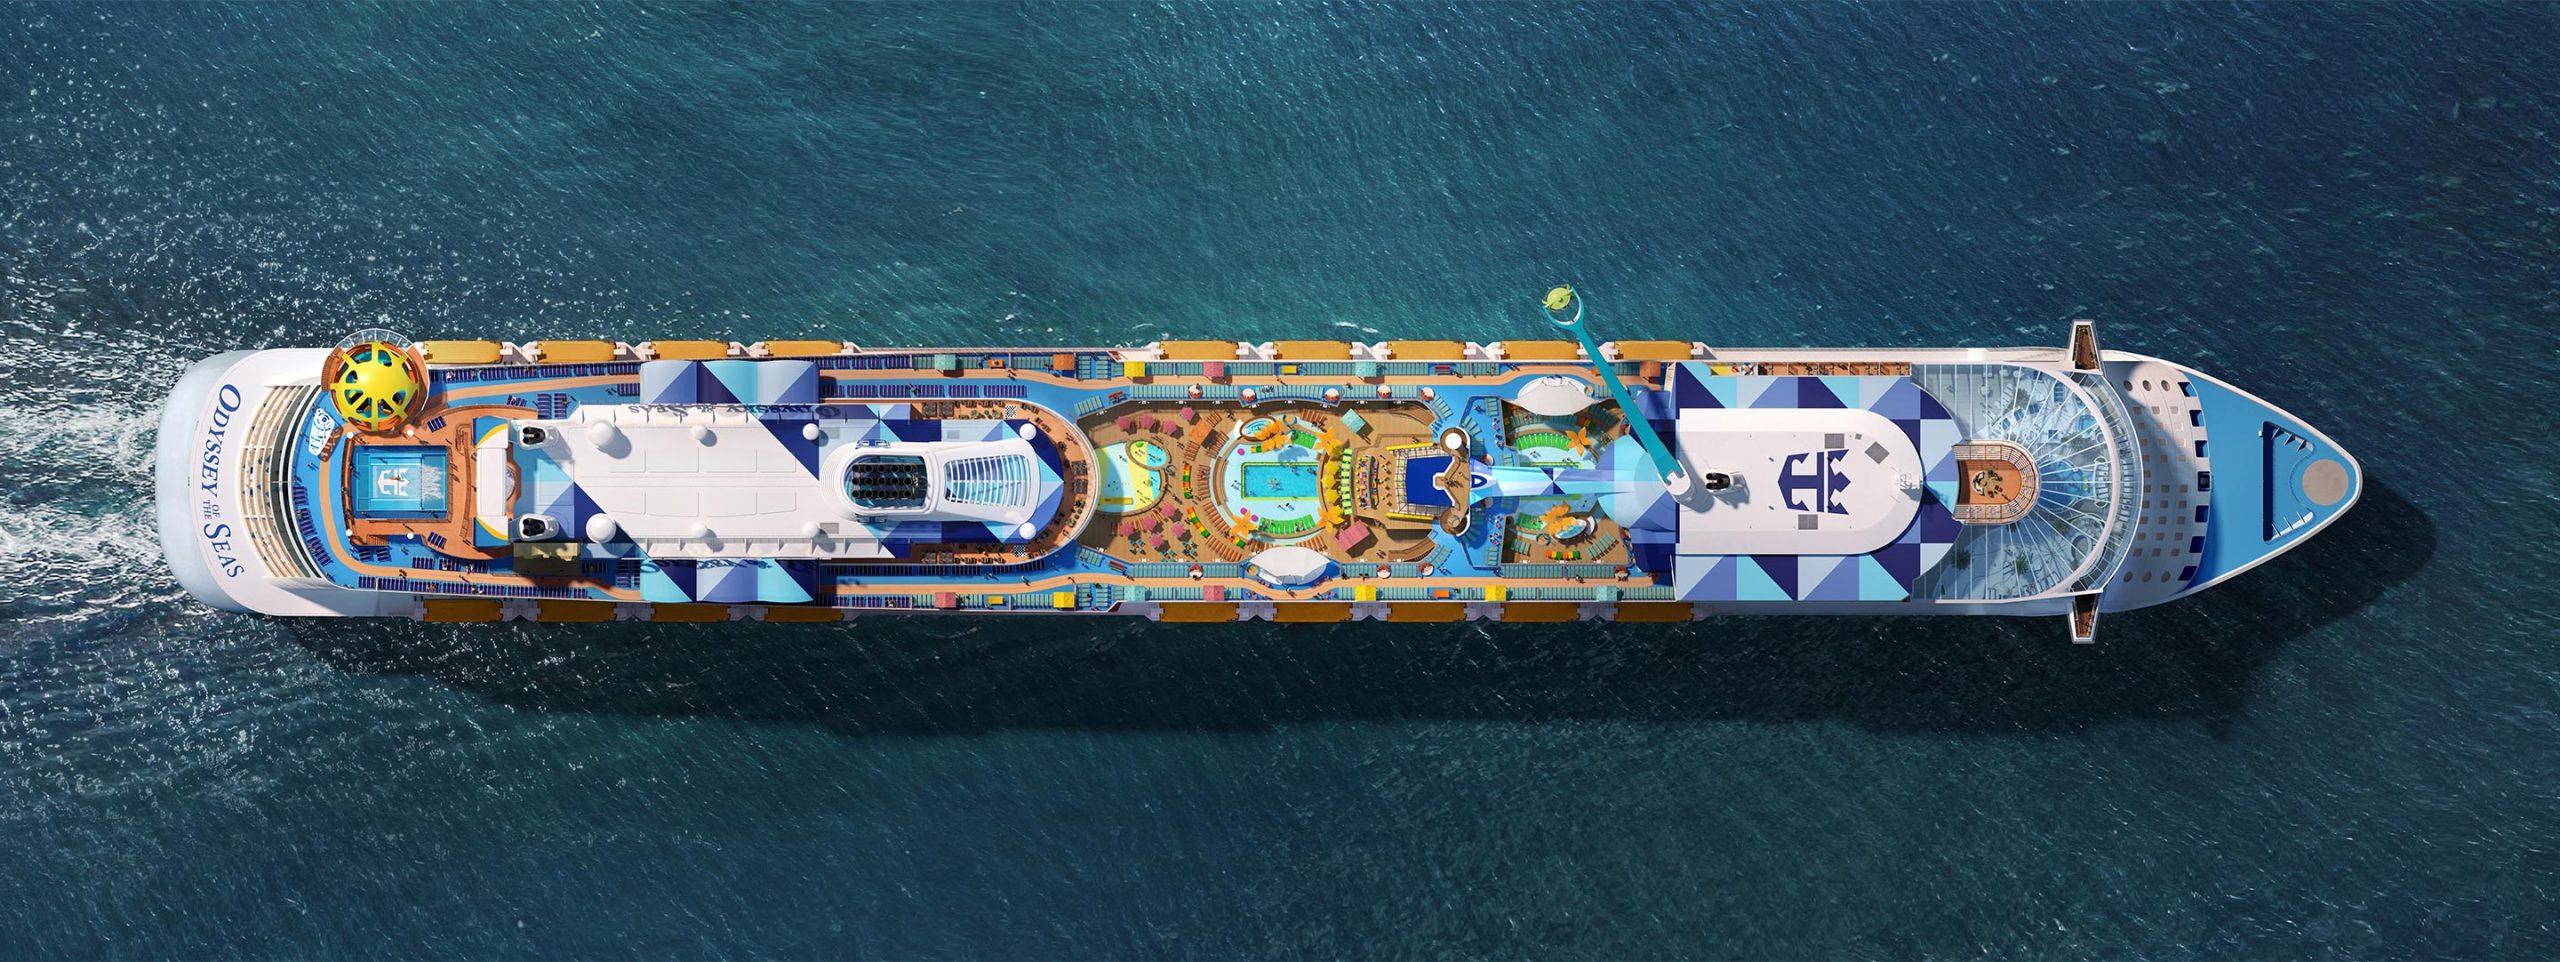 Klik for større format. Et af Royal Caribbean Internationals' nyeste skibe, Odyssey of the Seas, skal fra maj sejle israelske krydstogtturister til Cypern og Grækenland. PR-foto: Royal Caribbean International.